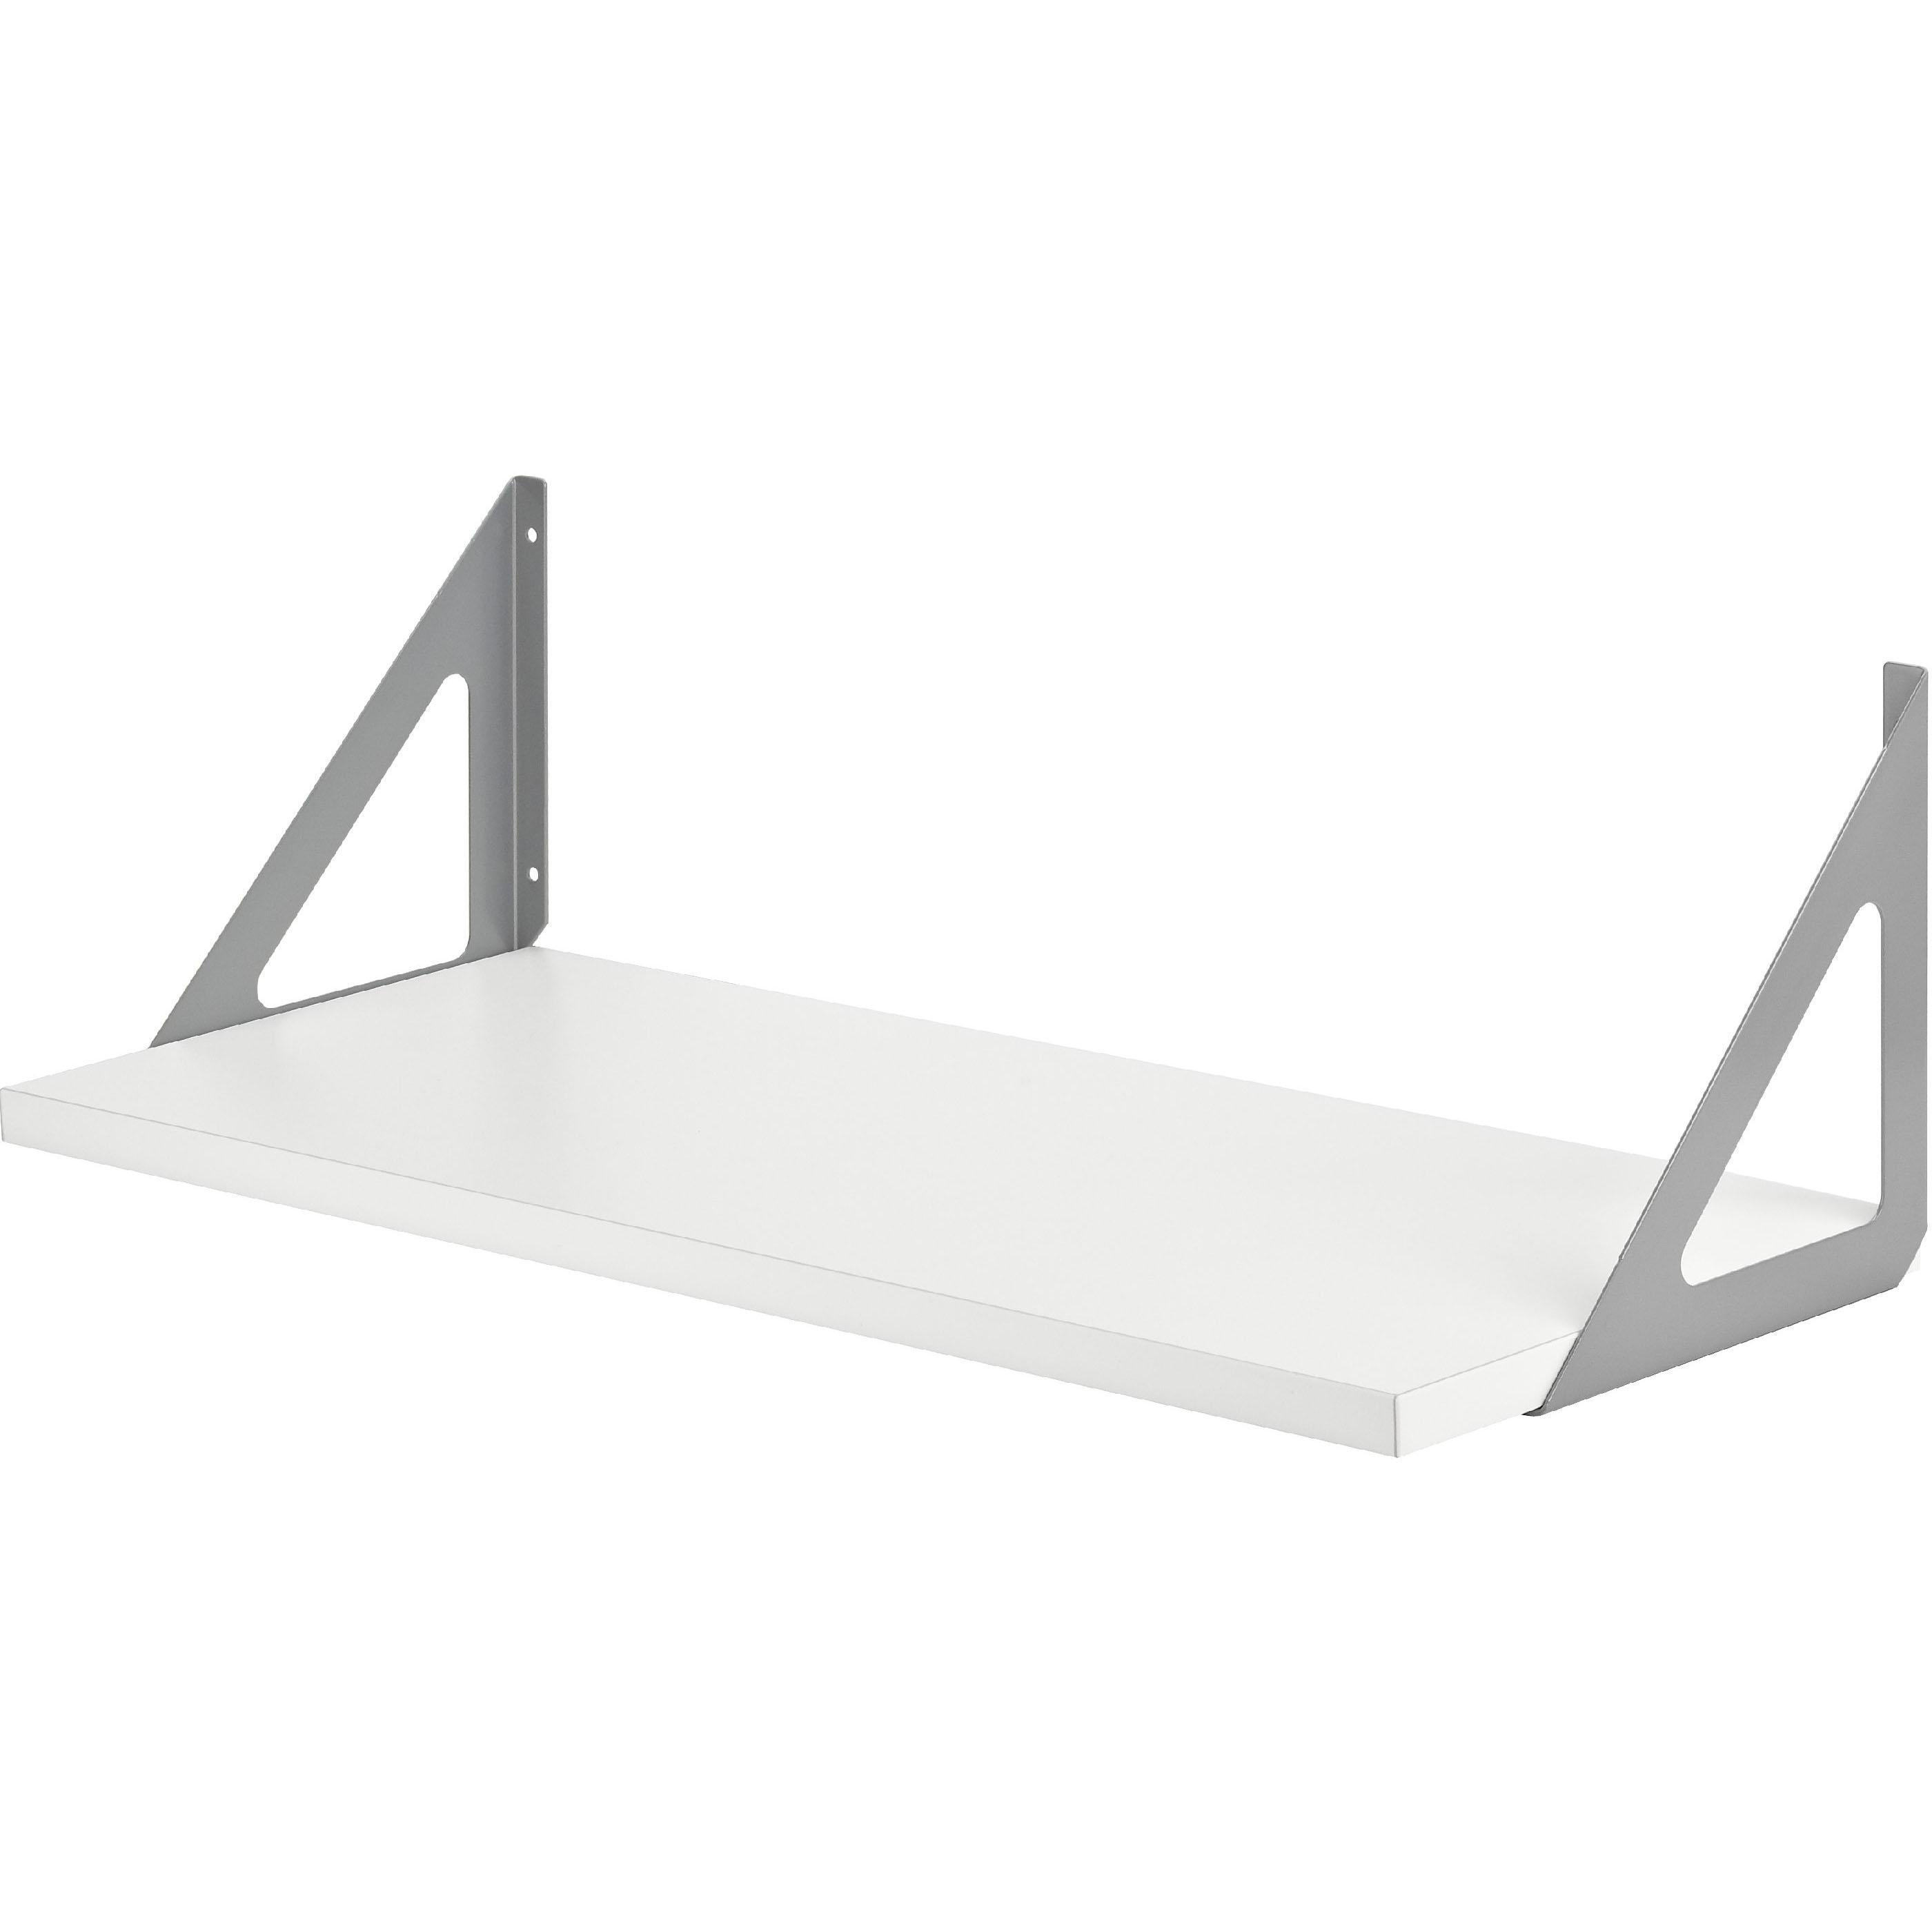 White Laminate Bookshelf 800x250x19mm